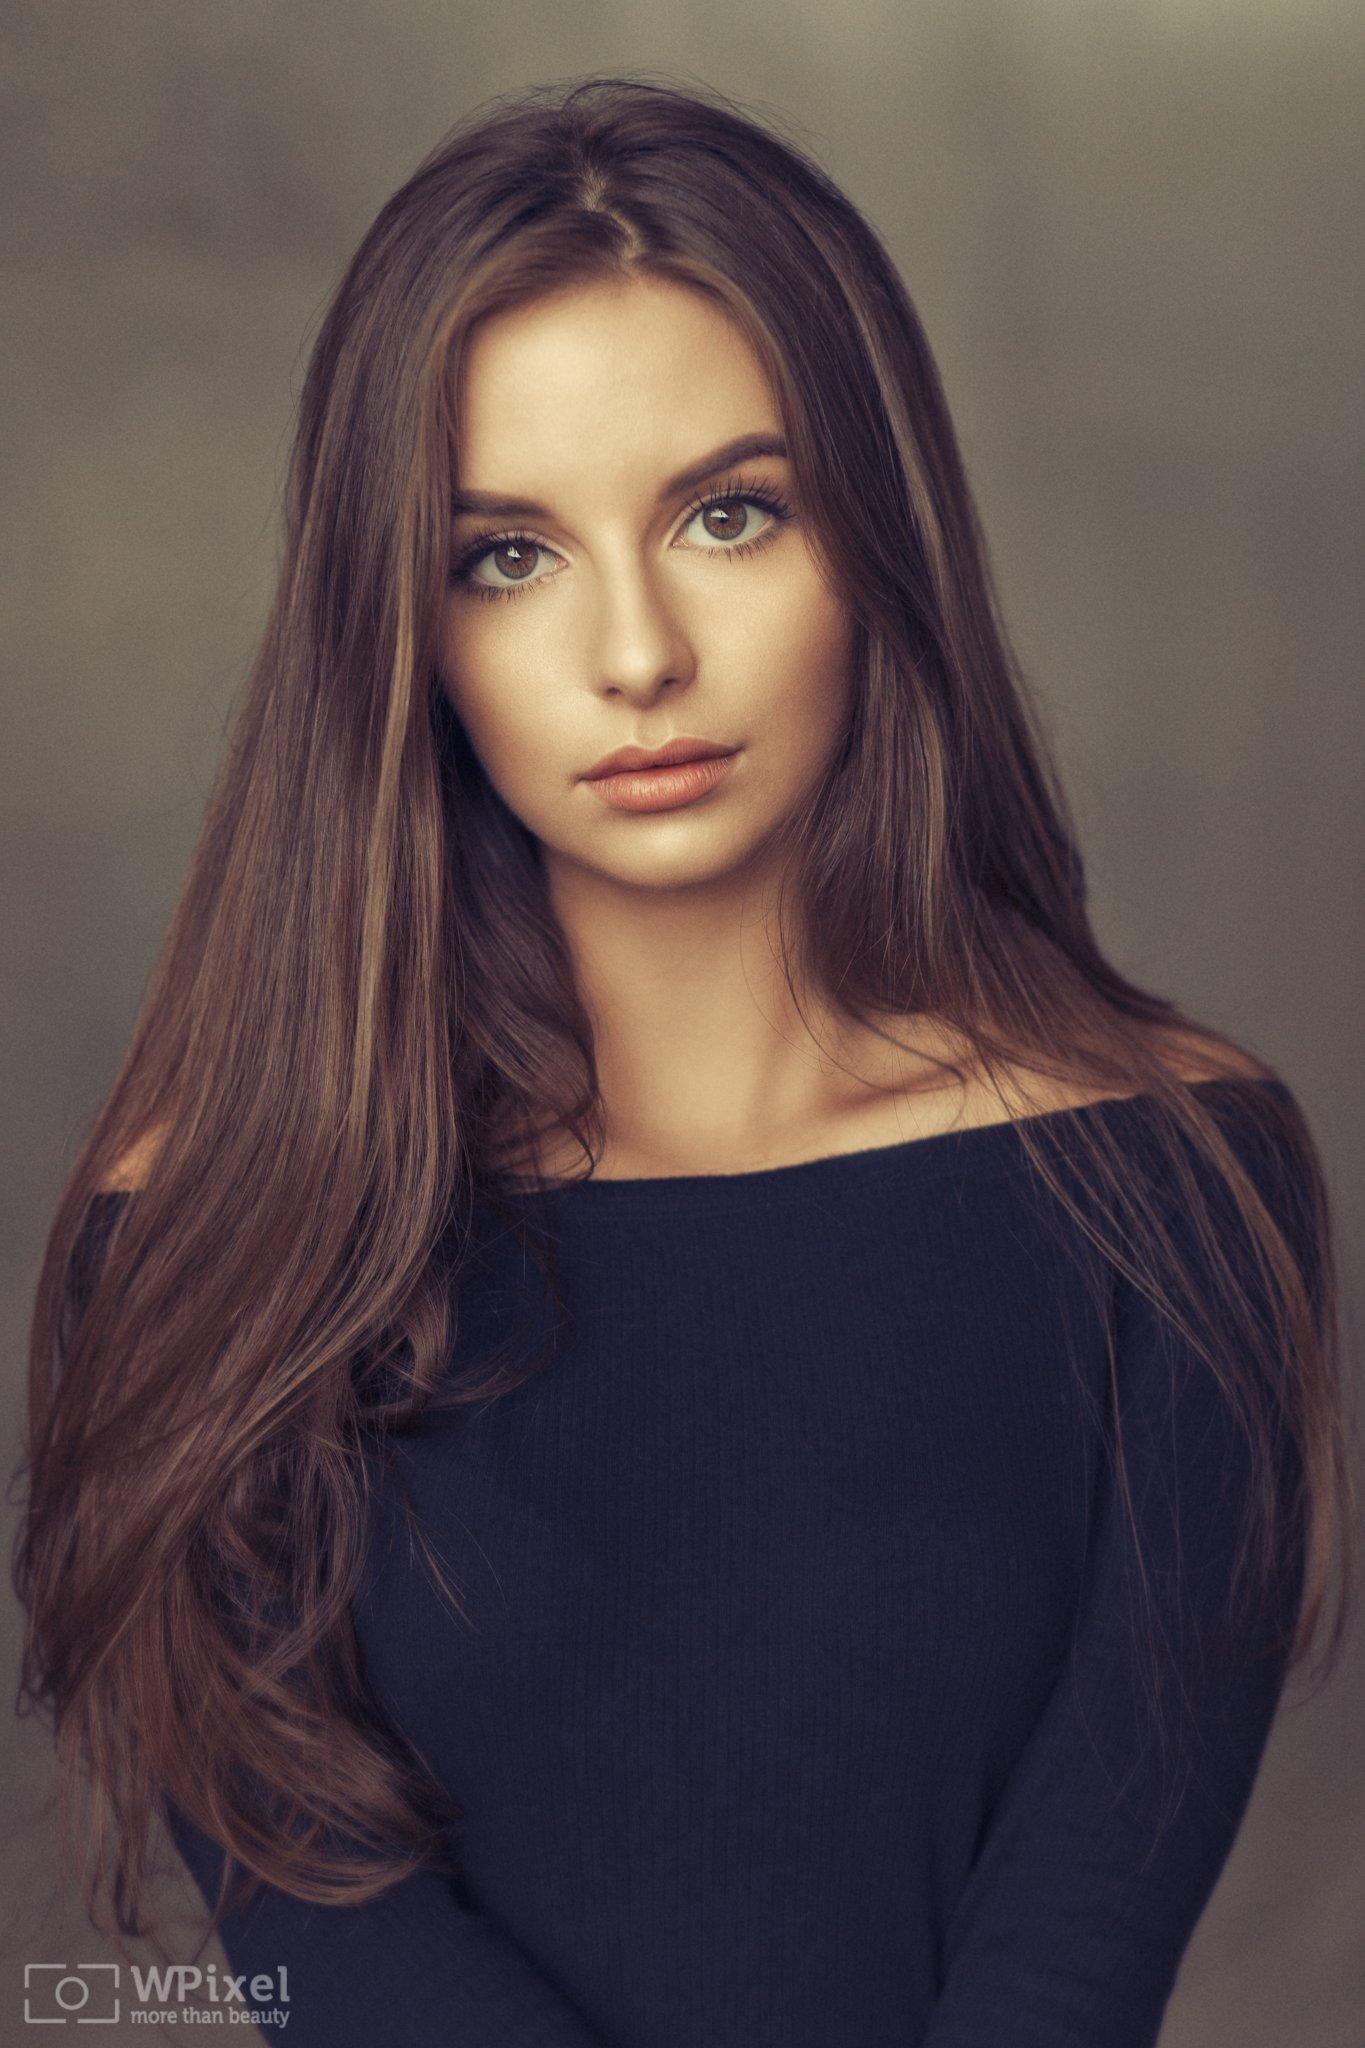 portrait women eyes brunette, Wojtek Polaczkiewicz